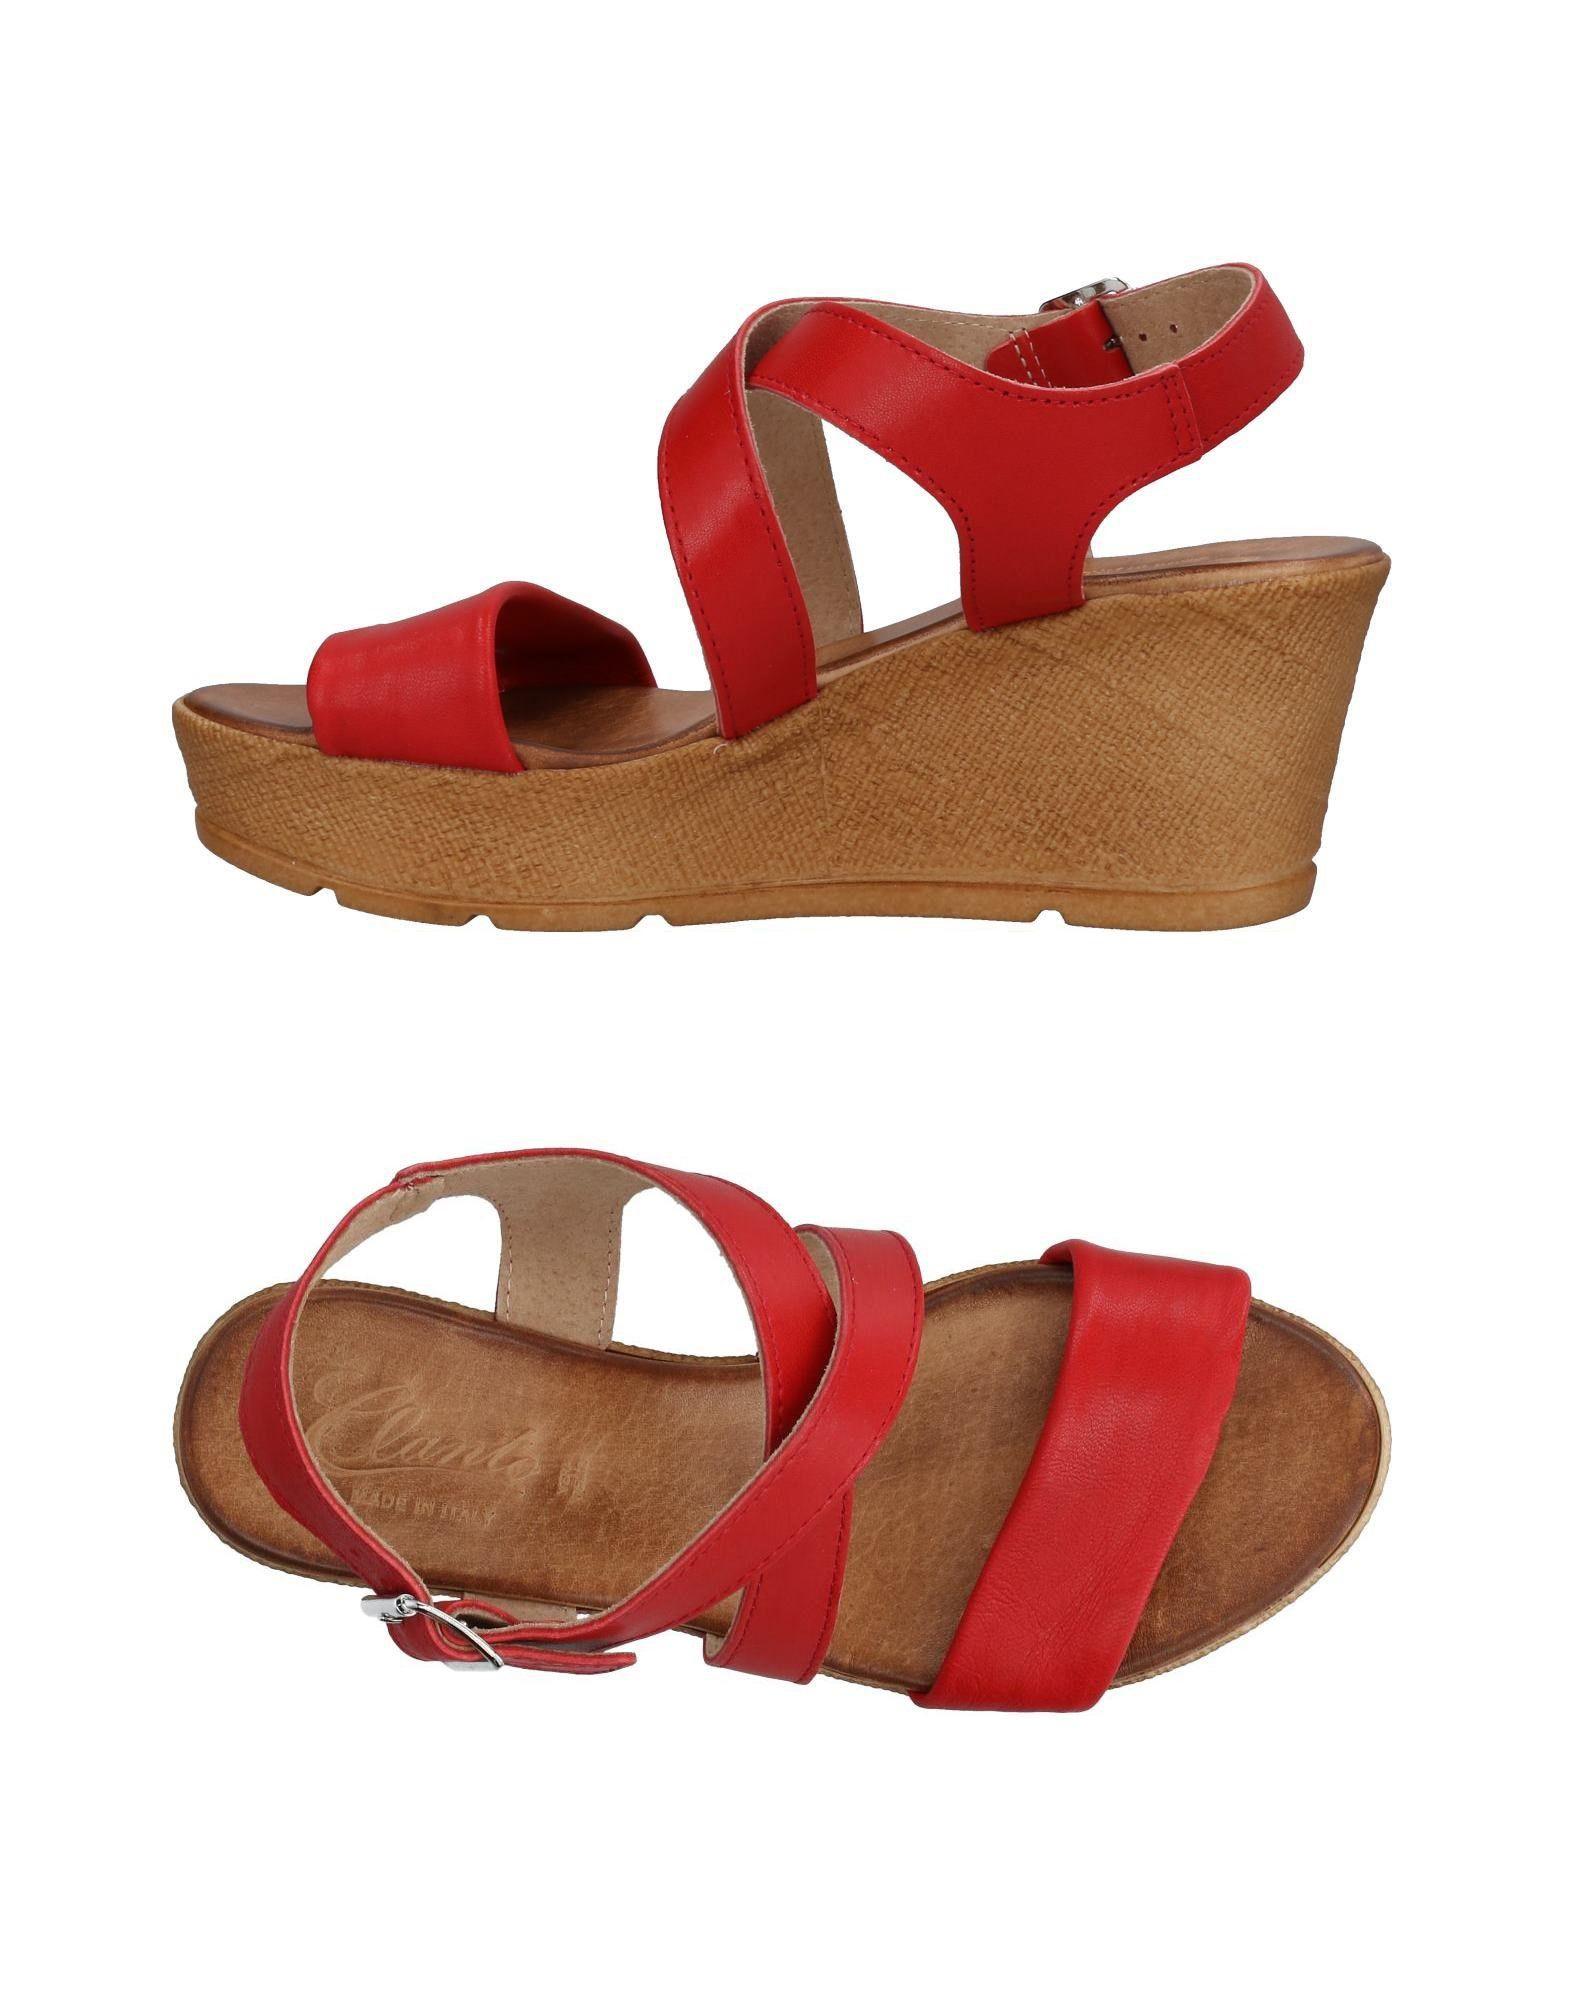 Clanto Sandalen Damen  11420685RL Gute Qualität beliebte Schuhe